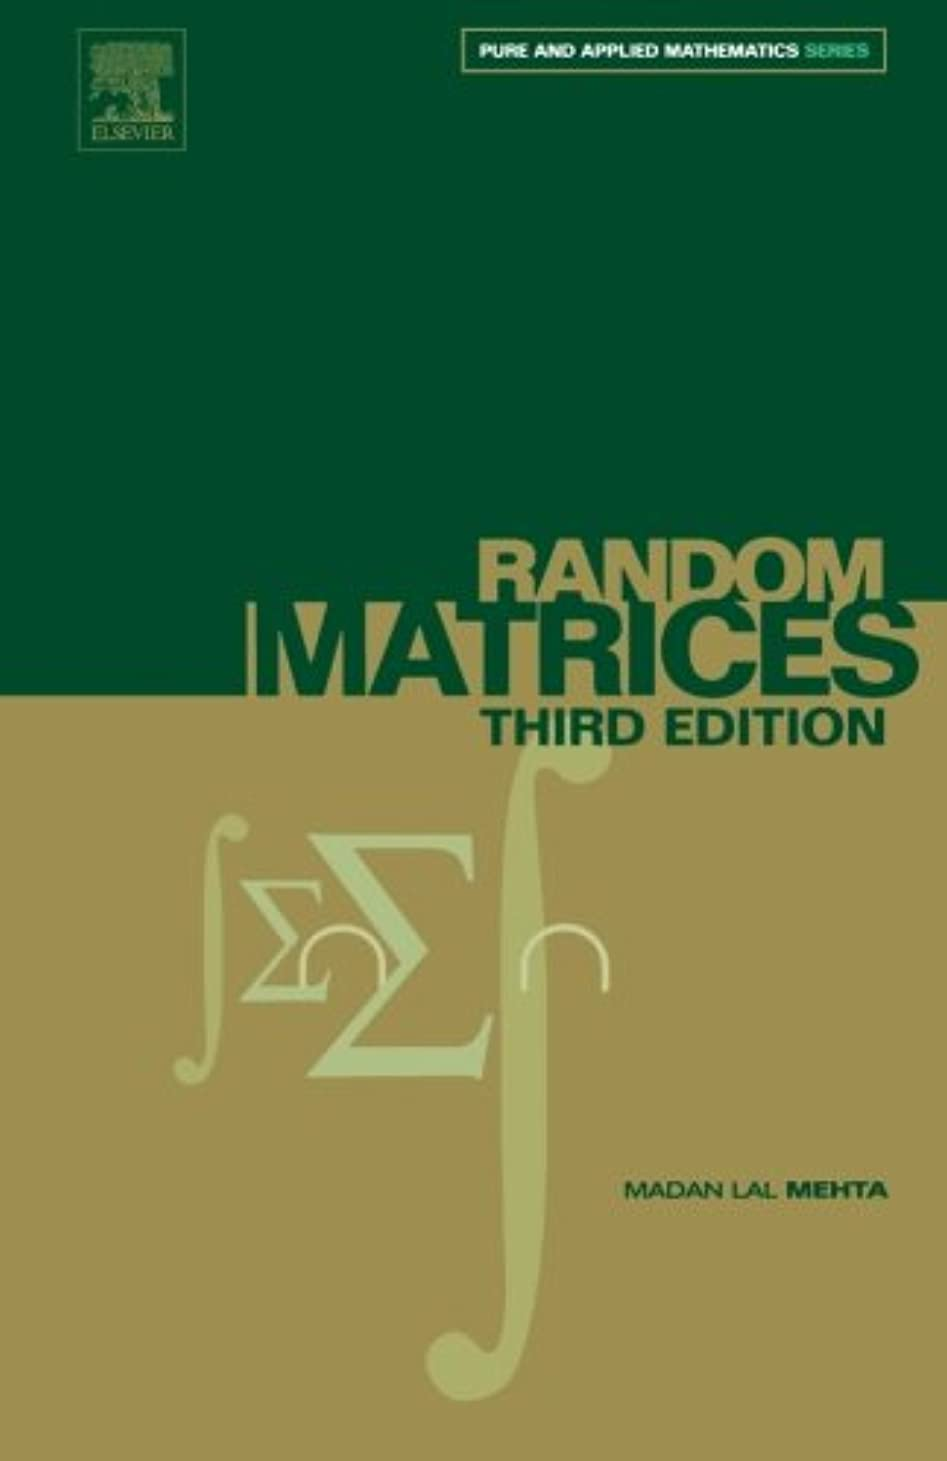 ずっと車チェリーRandom Matrices, Volume 142, Third Edition (Pure and Applied Mathematics)